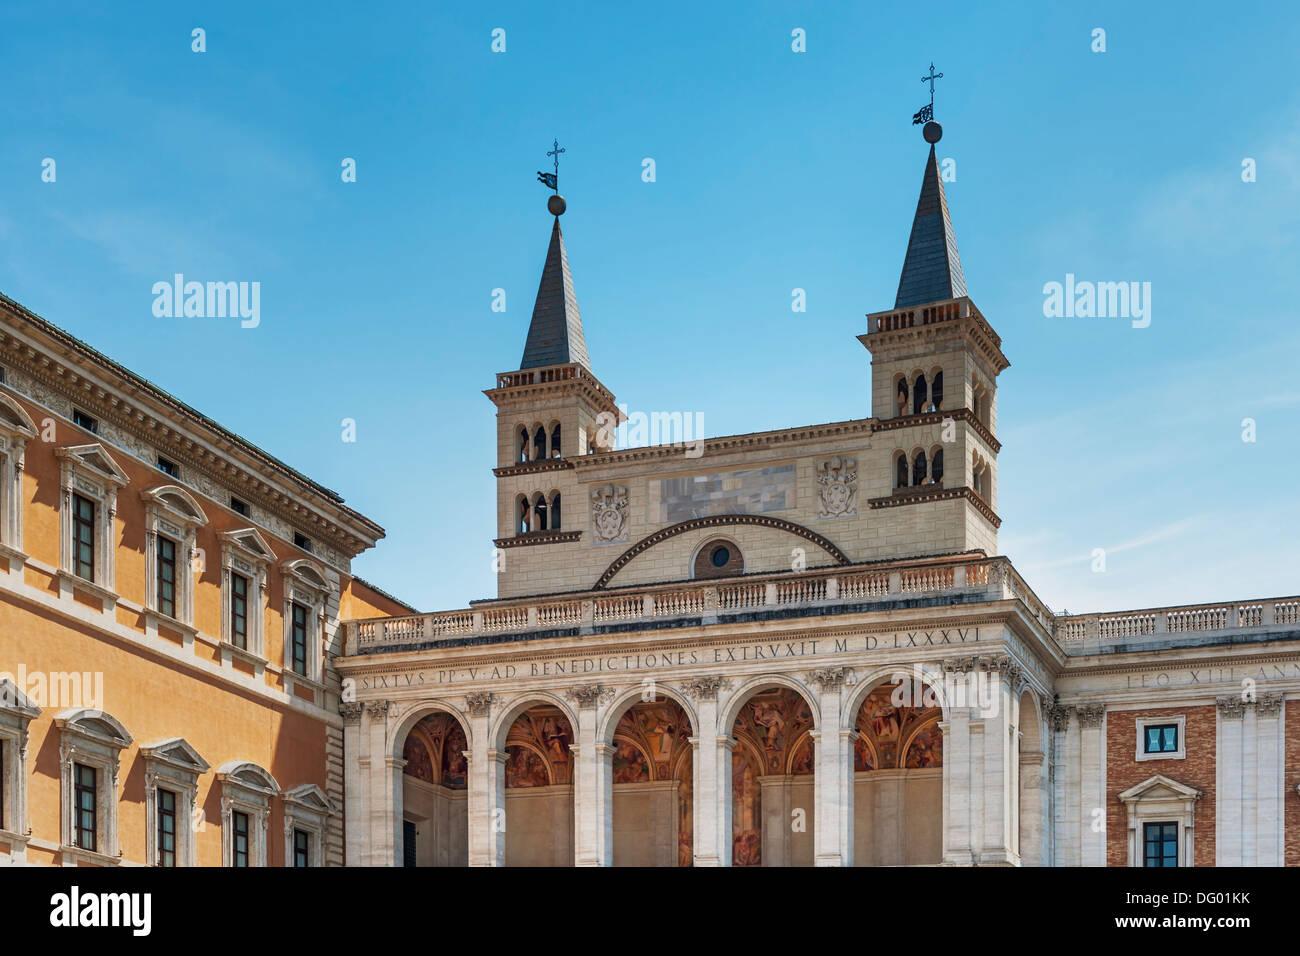 Archbasilica of St. John Lateran (Basilica di San Giovanni in Laterano), side porch, Rome, Lazio, Italy, Europe Stock Photo